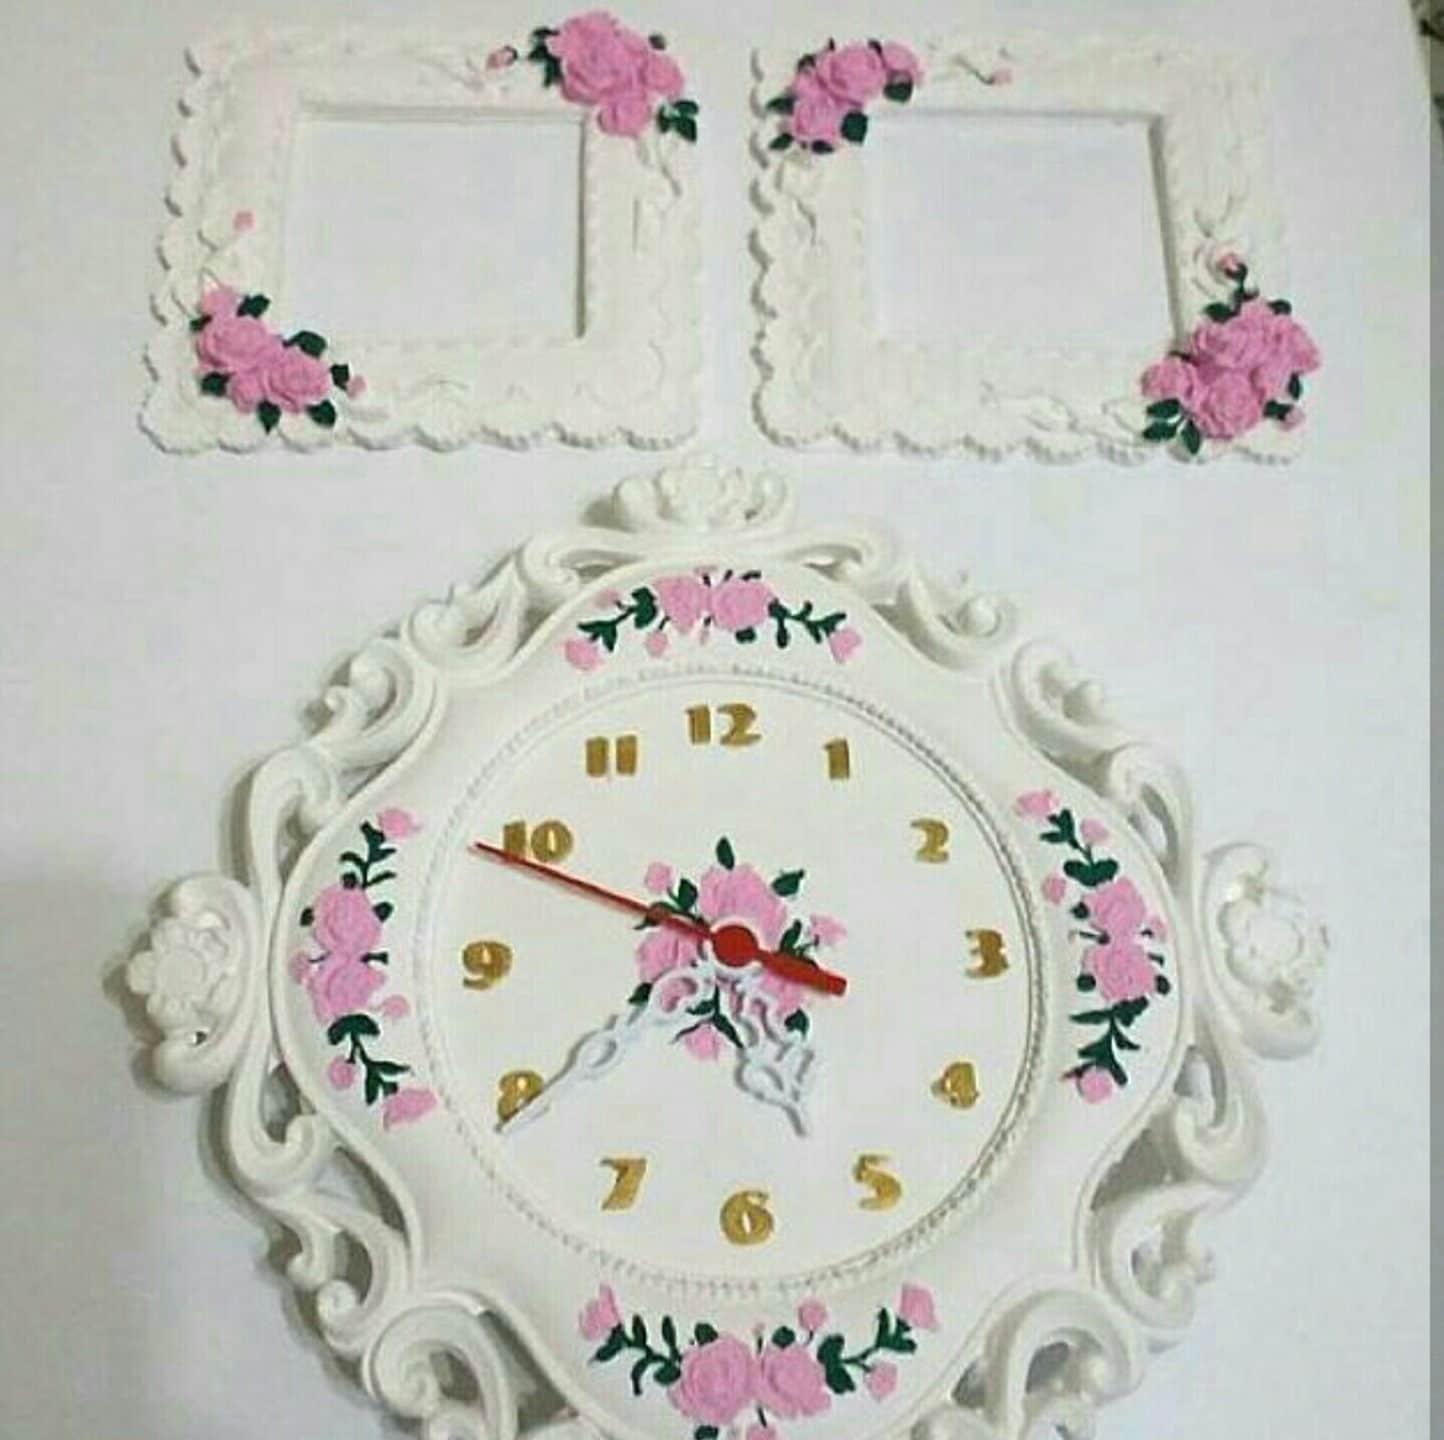 Grand Moule en Silicone 26x26cm Fleur MONTRE Vintage Pâte Pâte Pâte Polymère Fimo Platre Argile Savon Cire Resine + Systeme Mecanique Horloge OFFERT ! de2dce